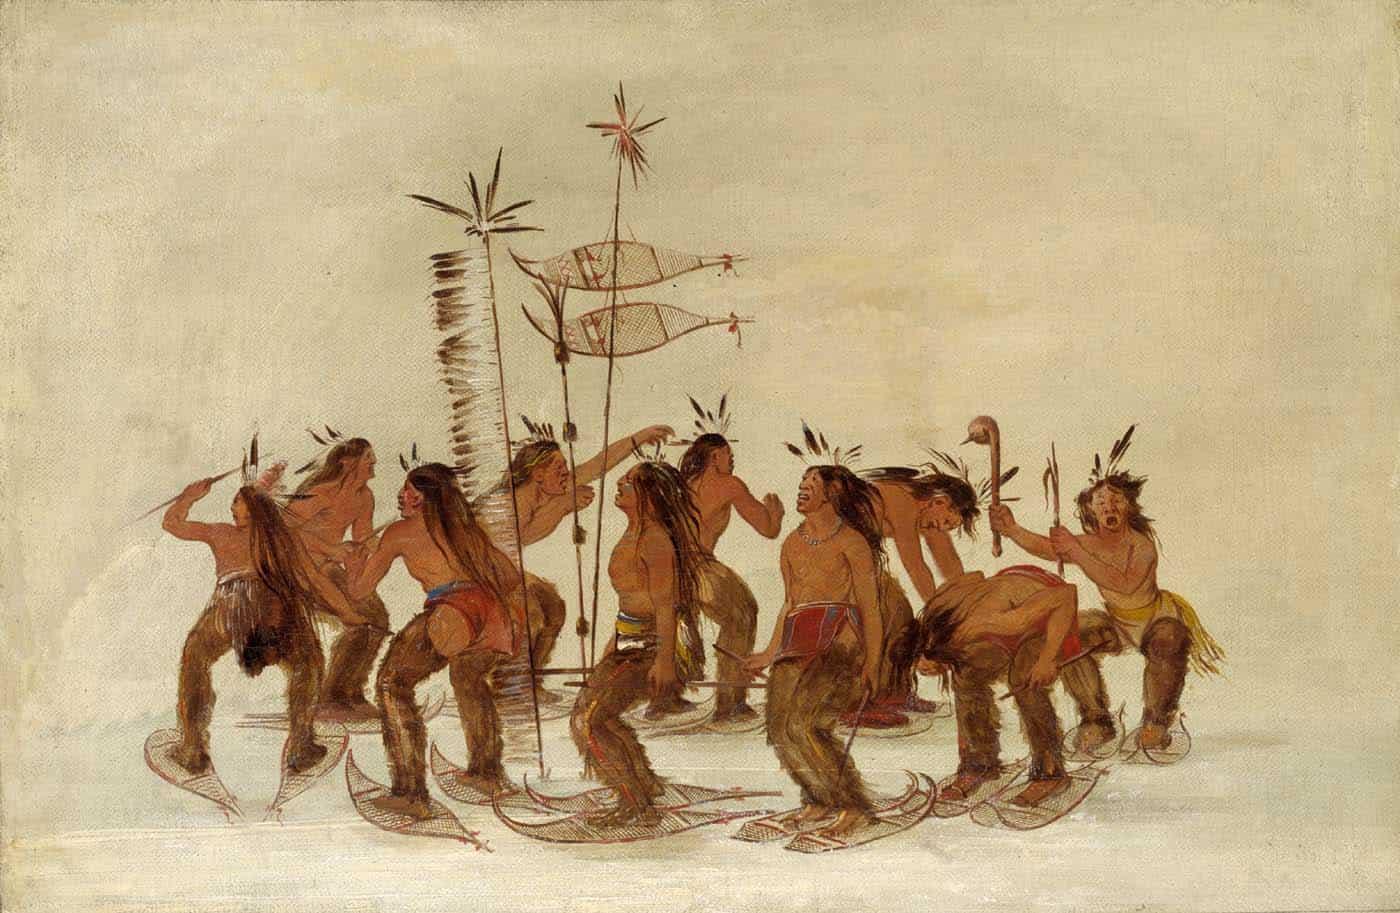 Die Geschichte der Schneeschuhe in Kanada